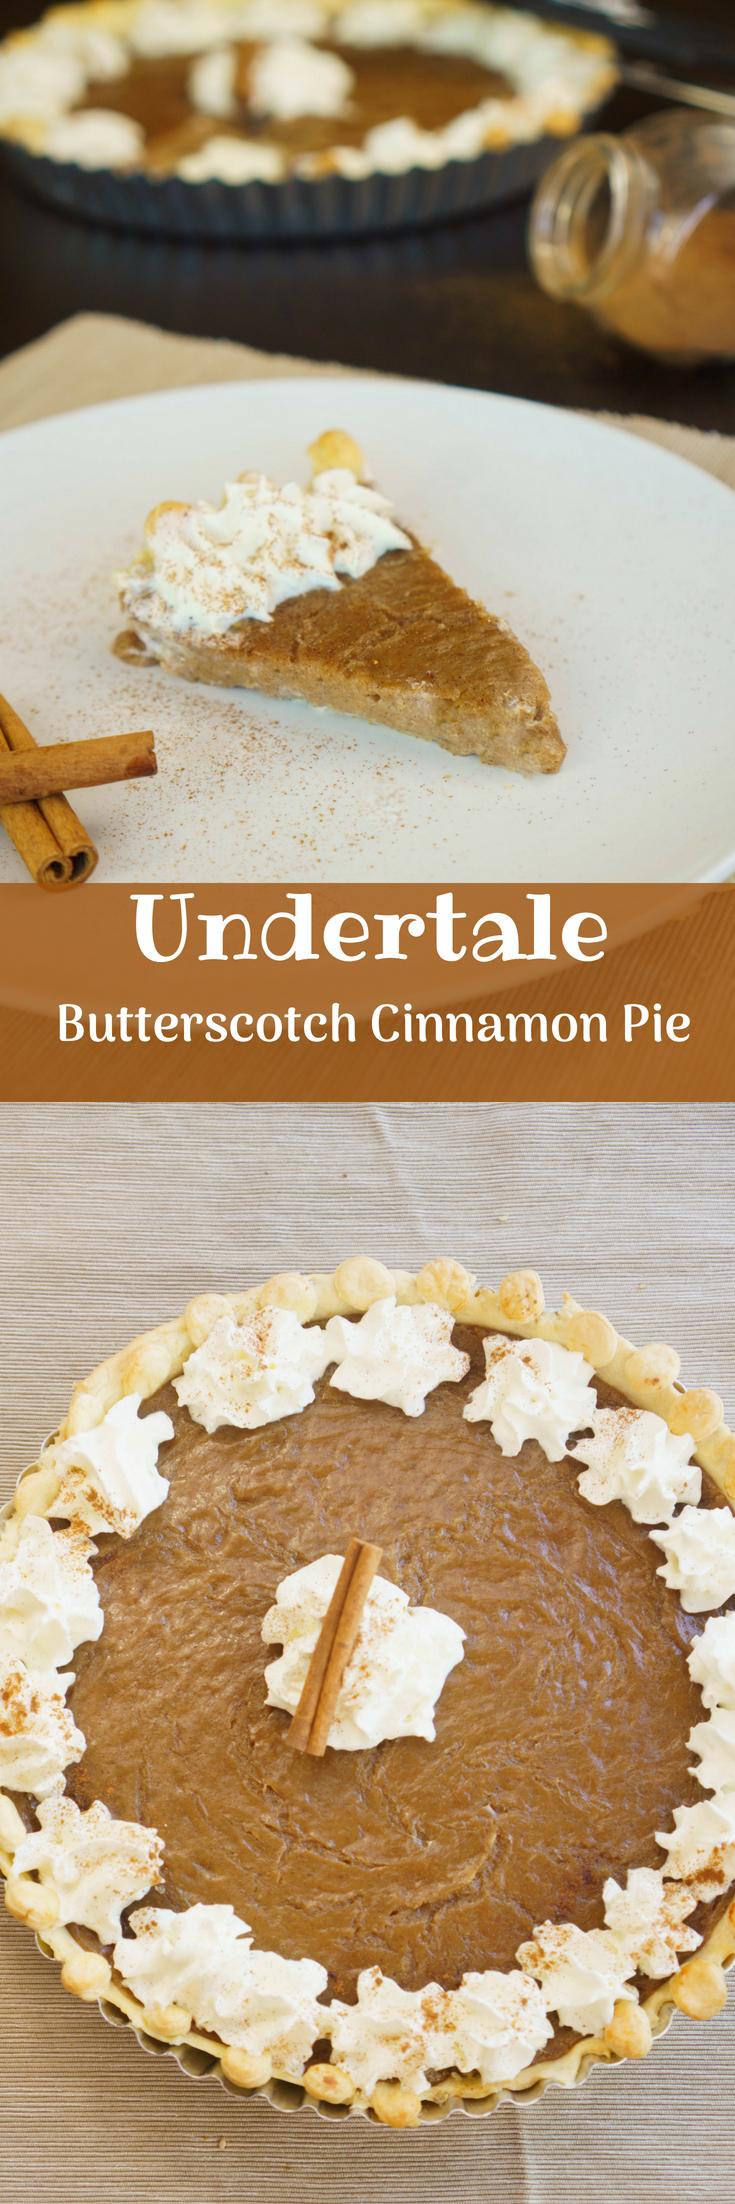 Undertale Butterscotch Cinnamon Pie - The Cookware Geek